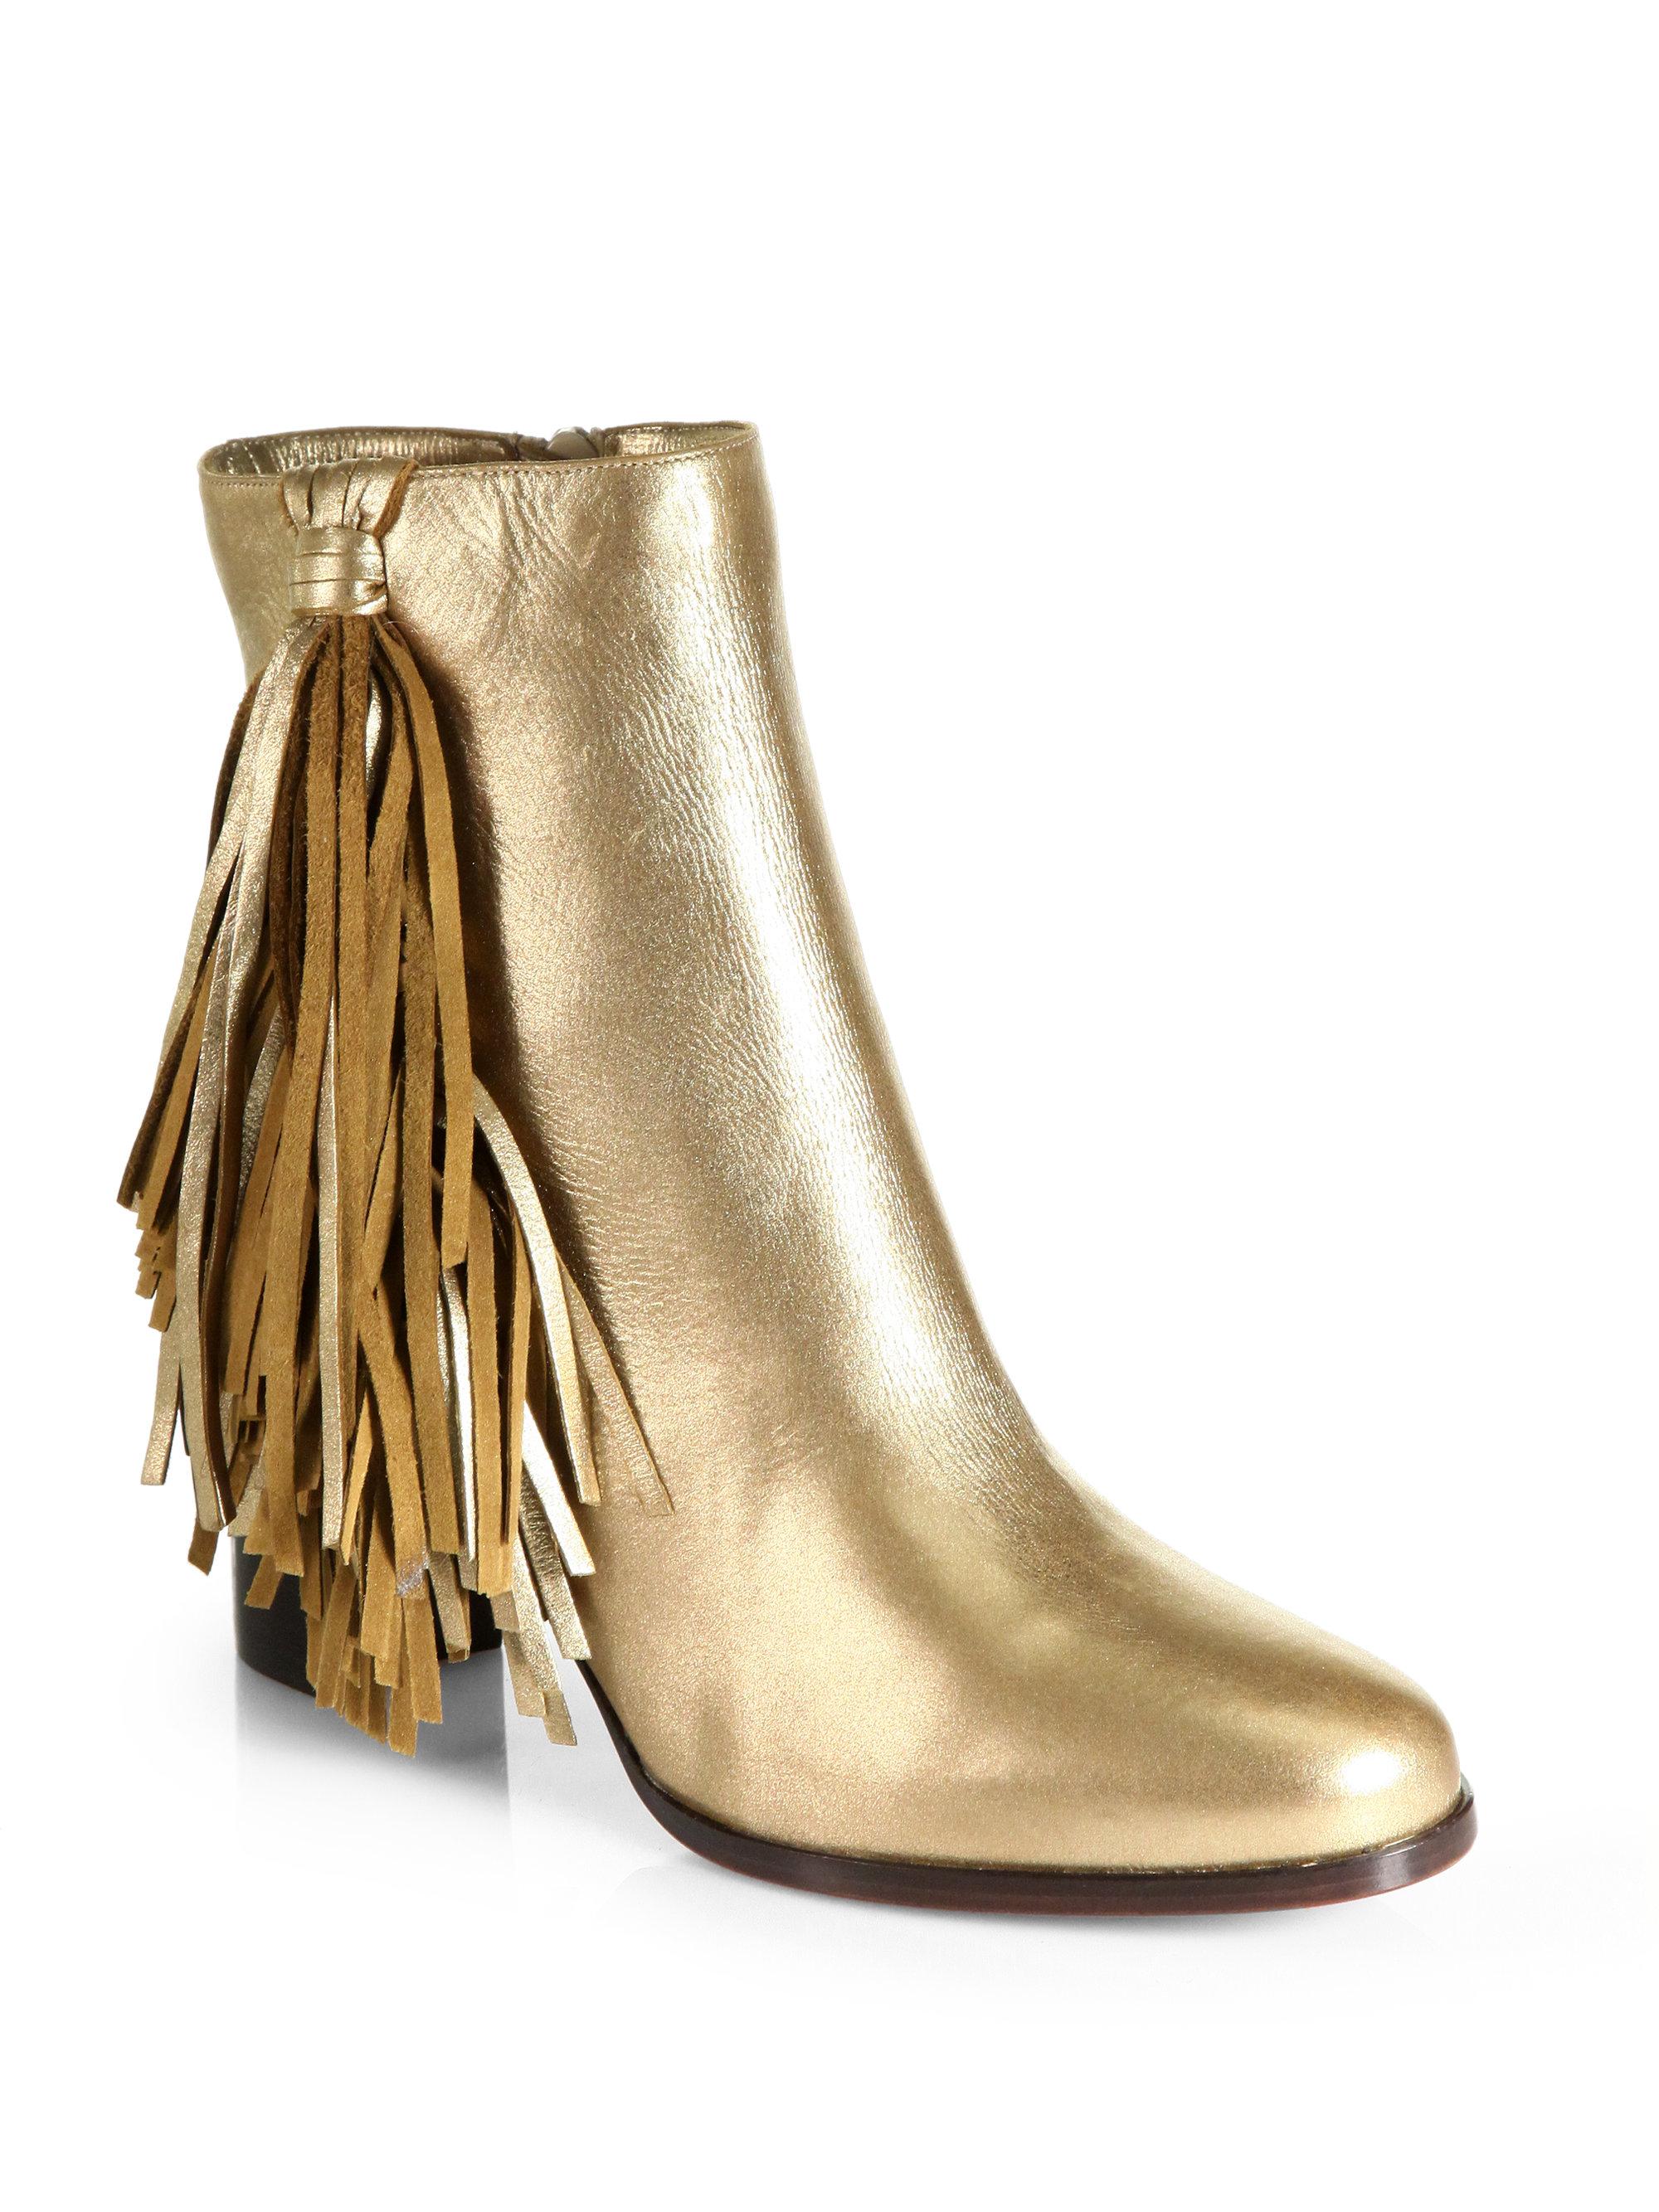 christian louboutin jimmynetta boots